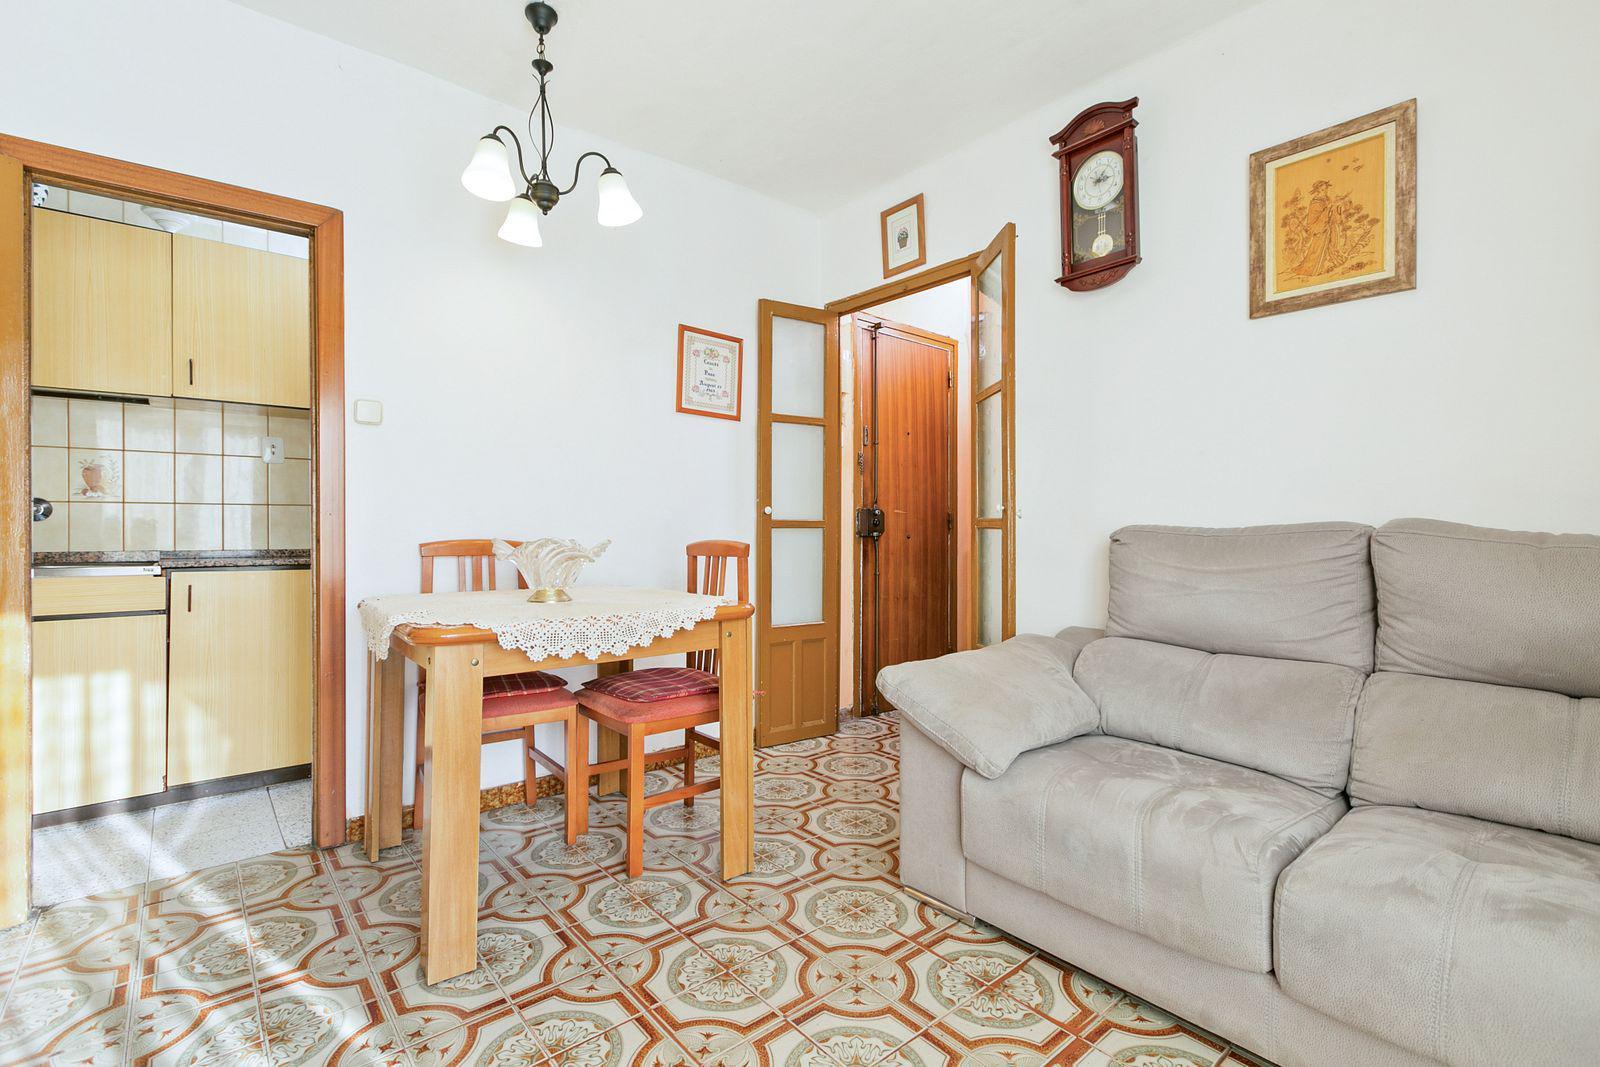 Imagen 2 Piso en venta en Barcelona / C/ Tarent - C/ Lluis Borrassà C.P 08019